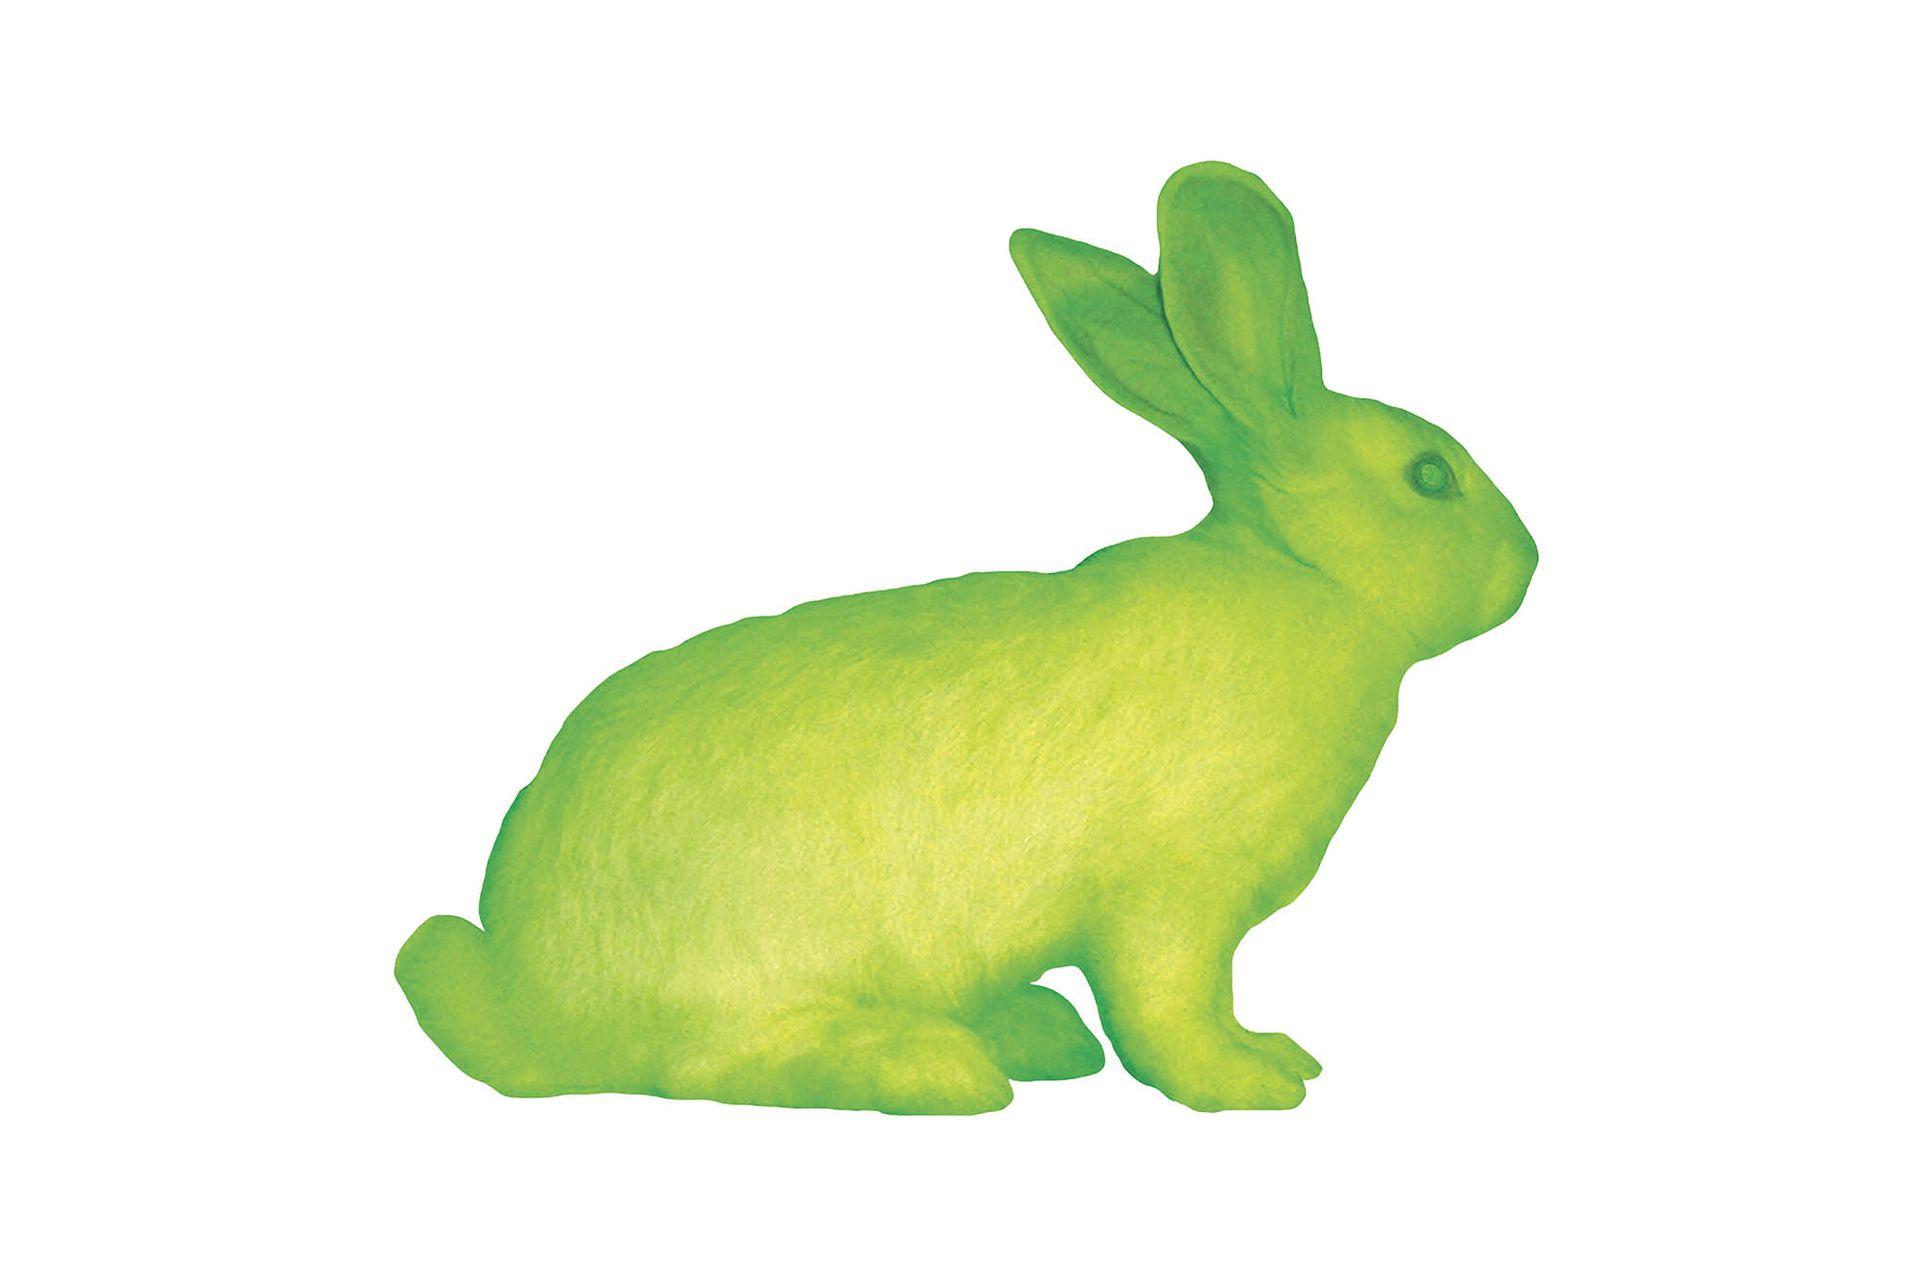 """""""Alba"""", de Eduardo Kac. Este artista brasileño presentó un conejo que se volvió verde rutilante al inocularle el ADN de una medusa. Kac quería crear una cultura híbrida que conjugase un ser vivo con una obra de arte."""